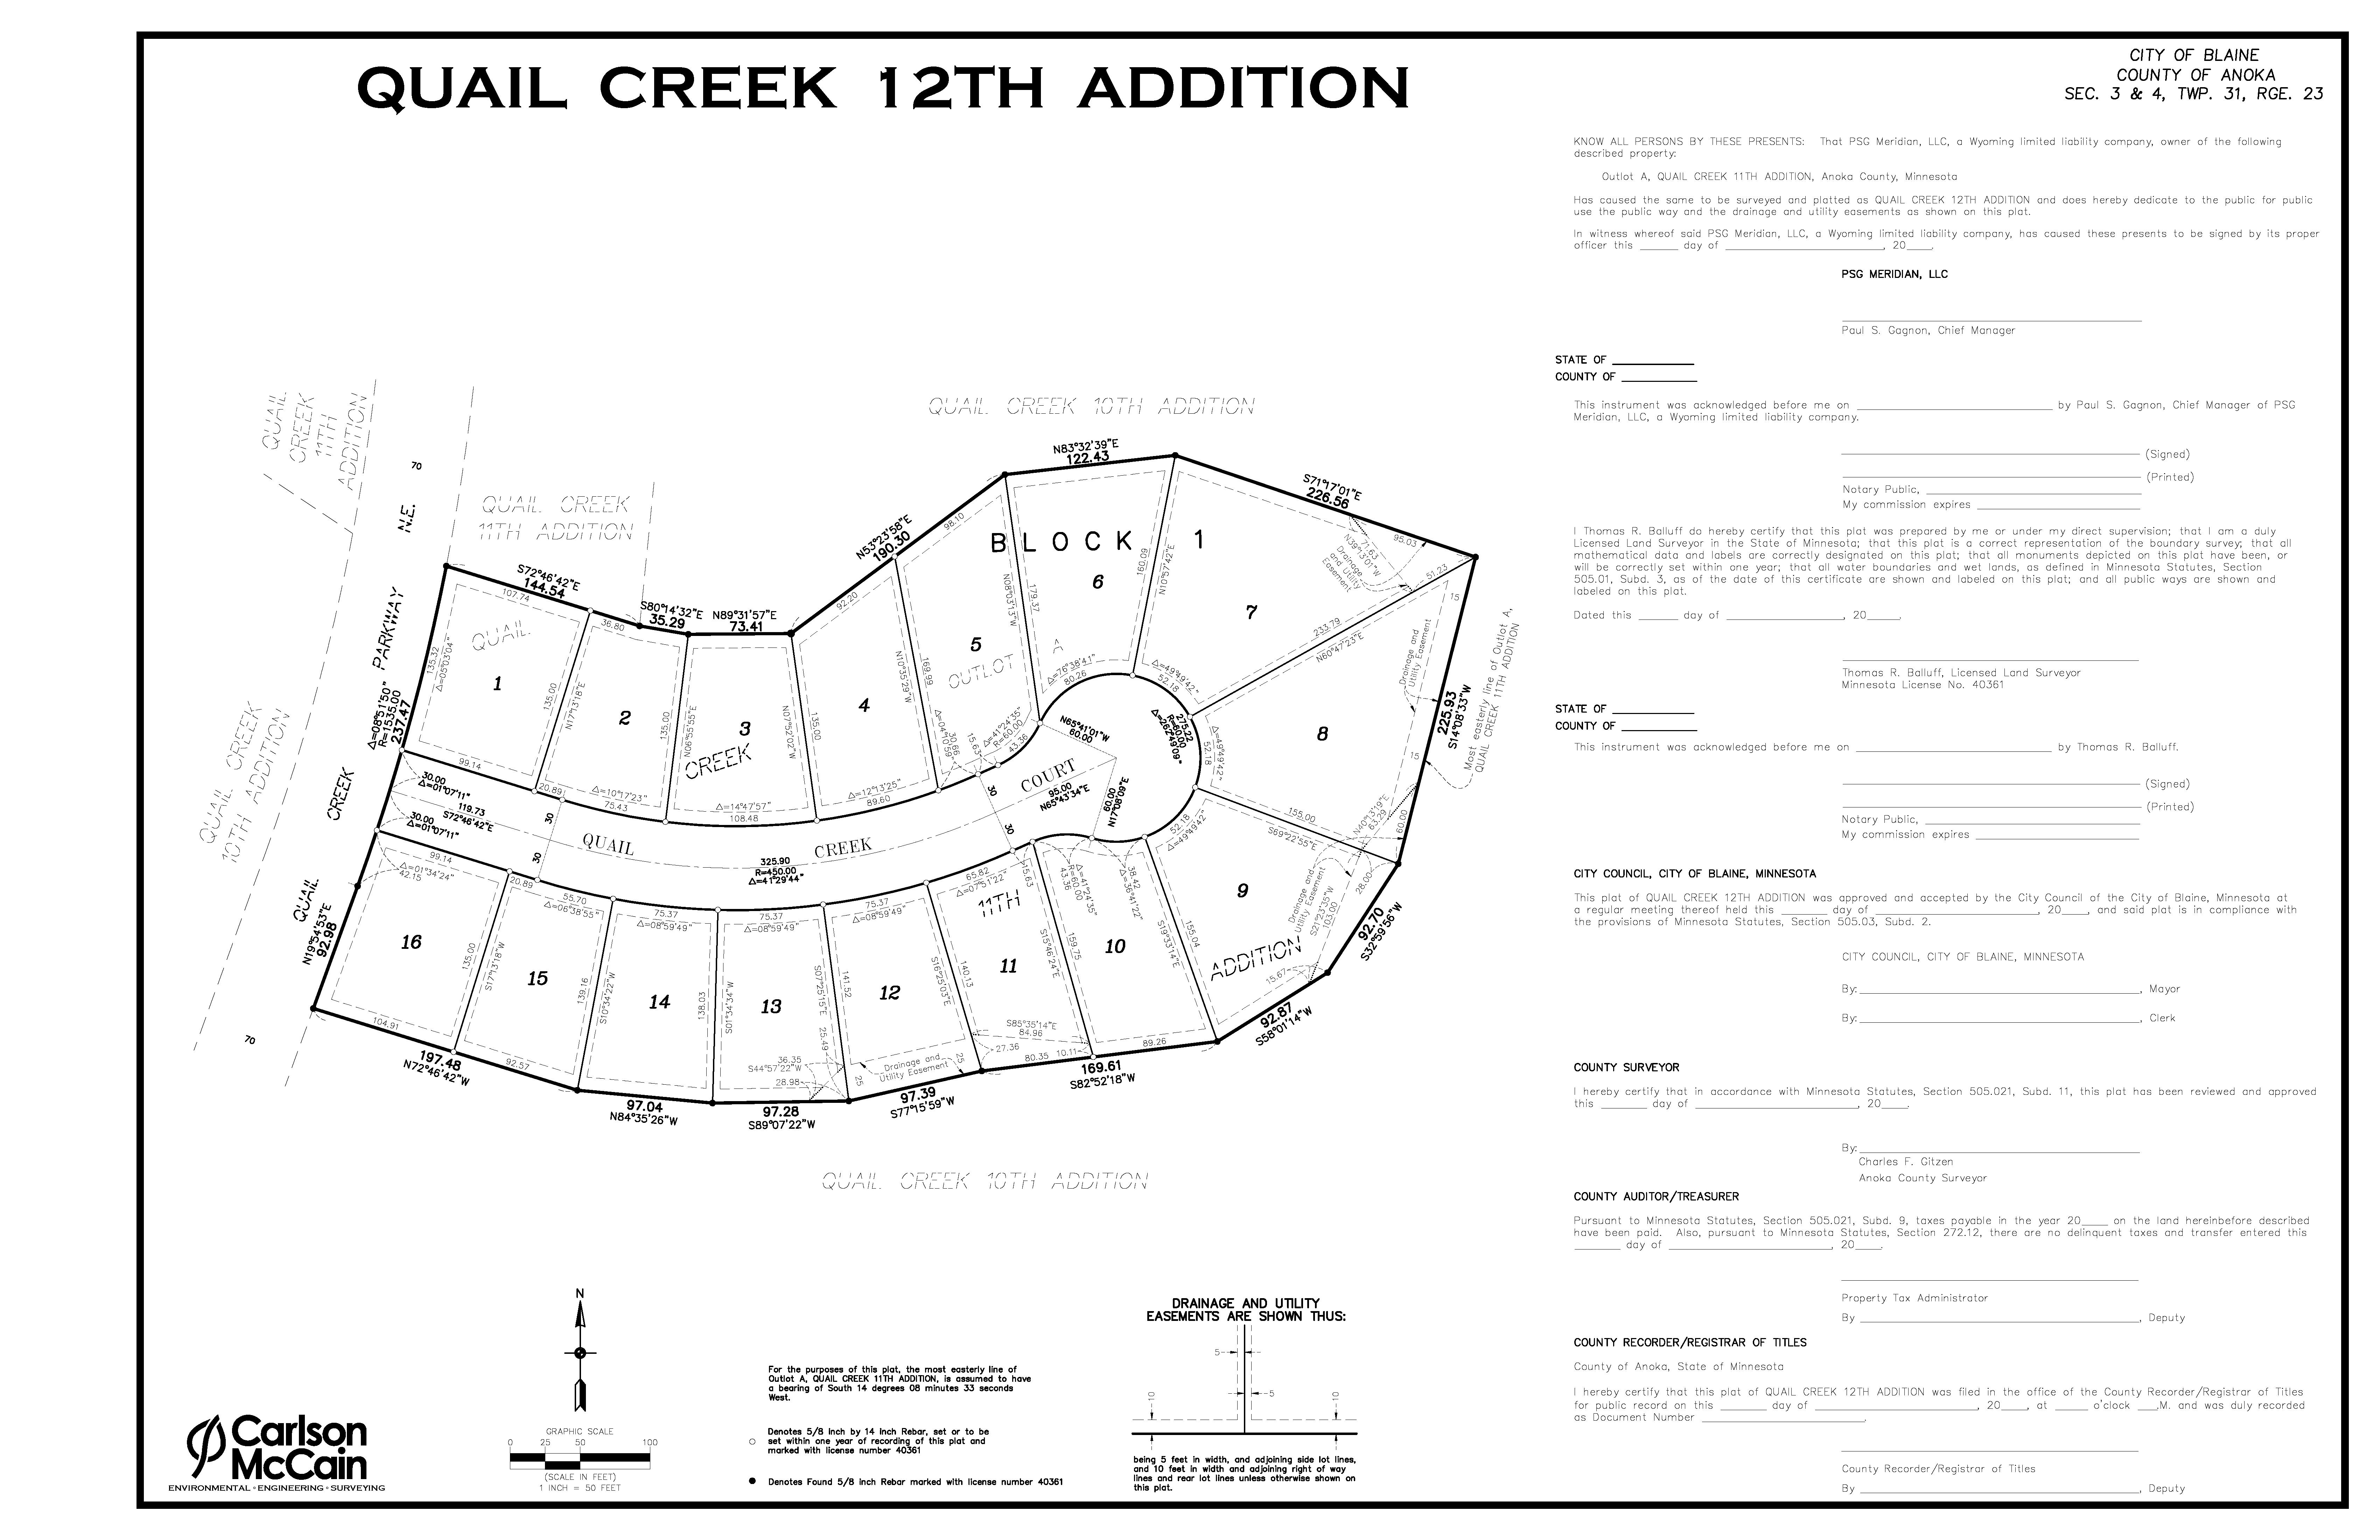 Quail Creek 12th